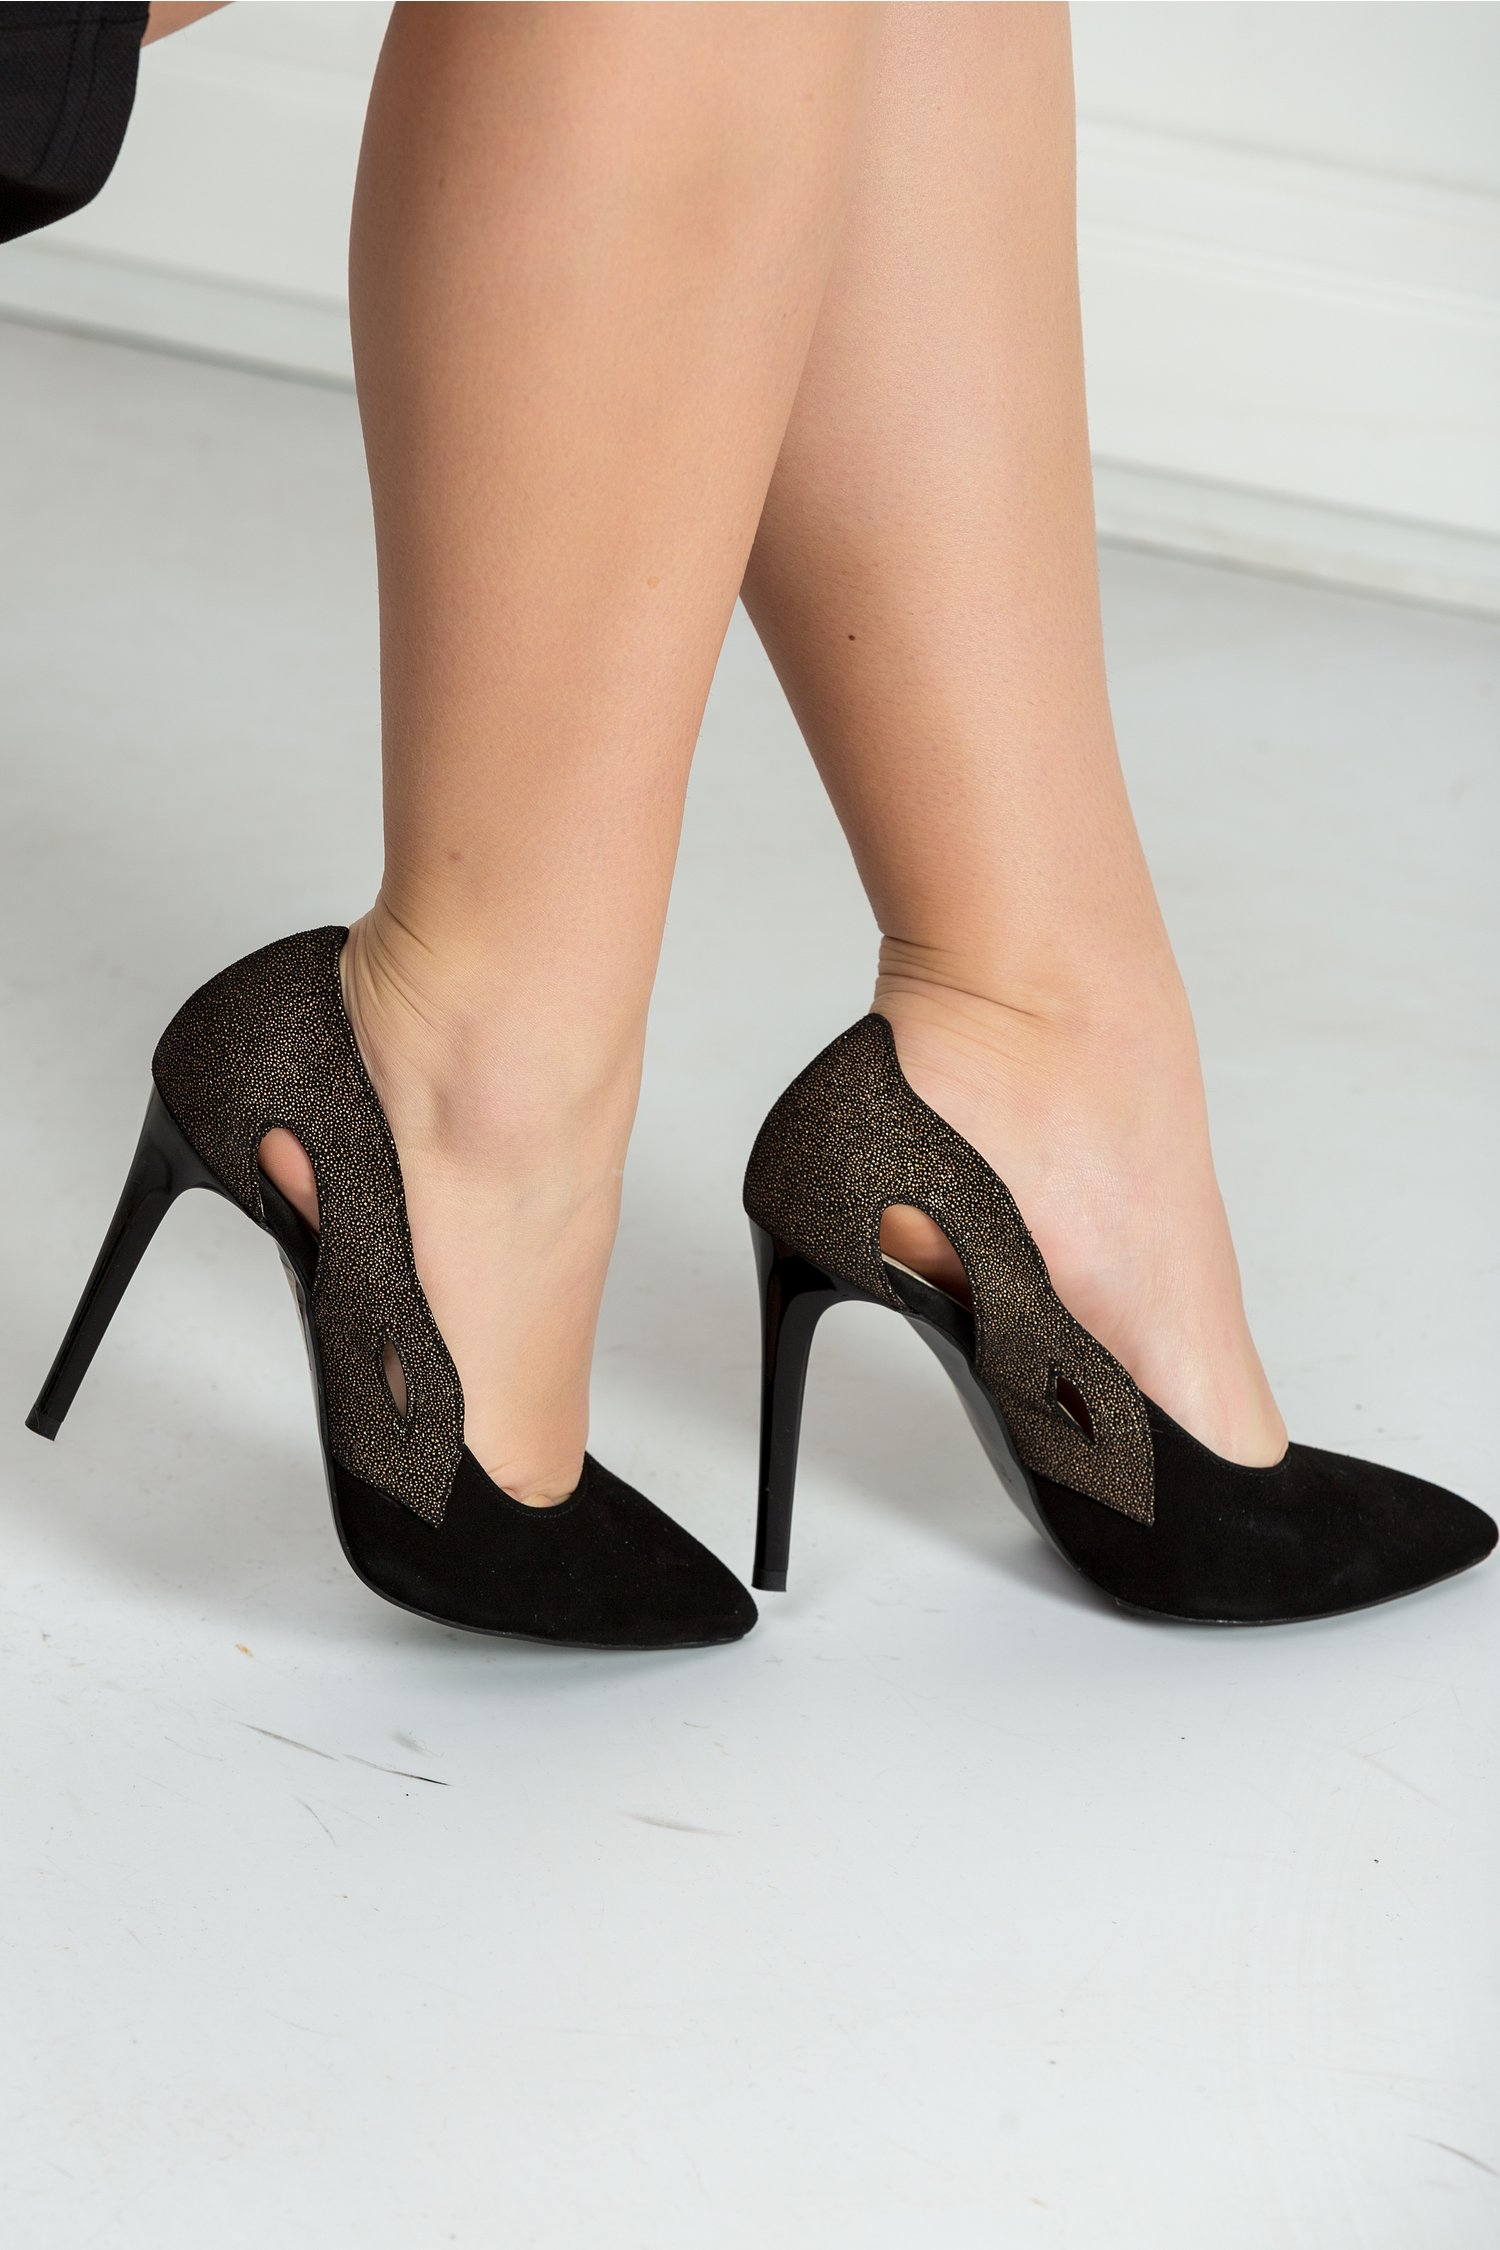 Pantofi Alice stiletto negri cu decupaje, colectia 2018